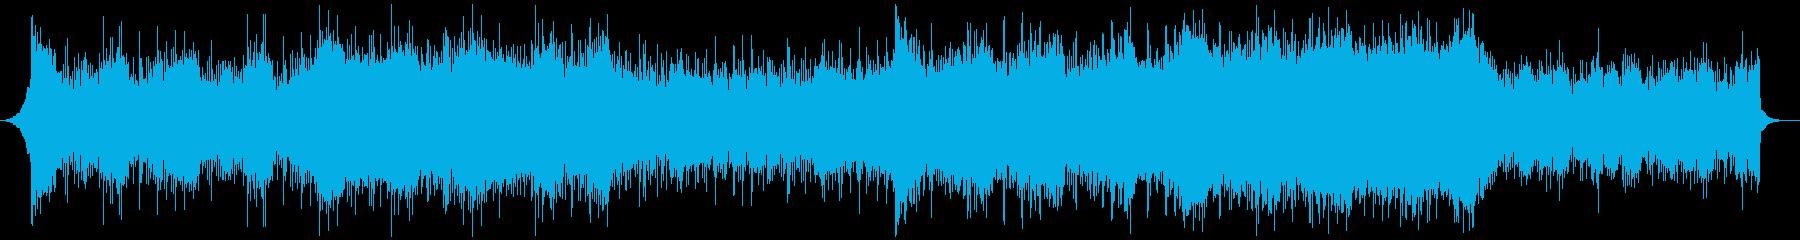 壮大でクールなサイバーパンク風BGMの再生済みの波形